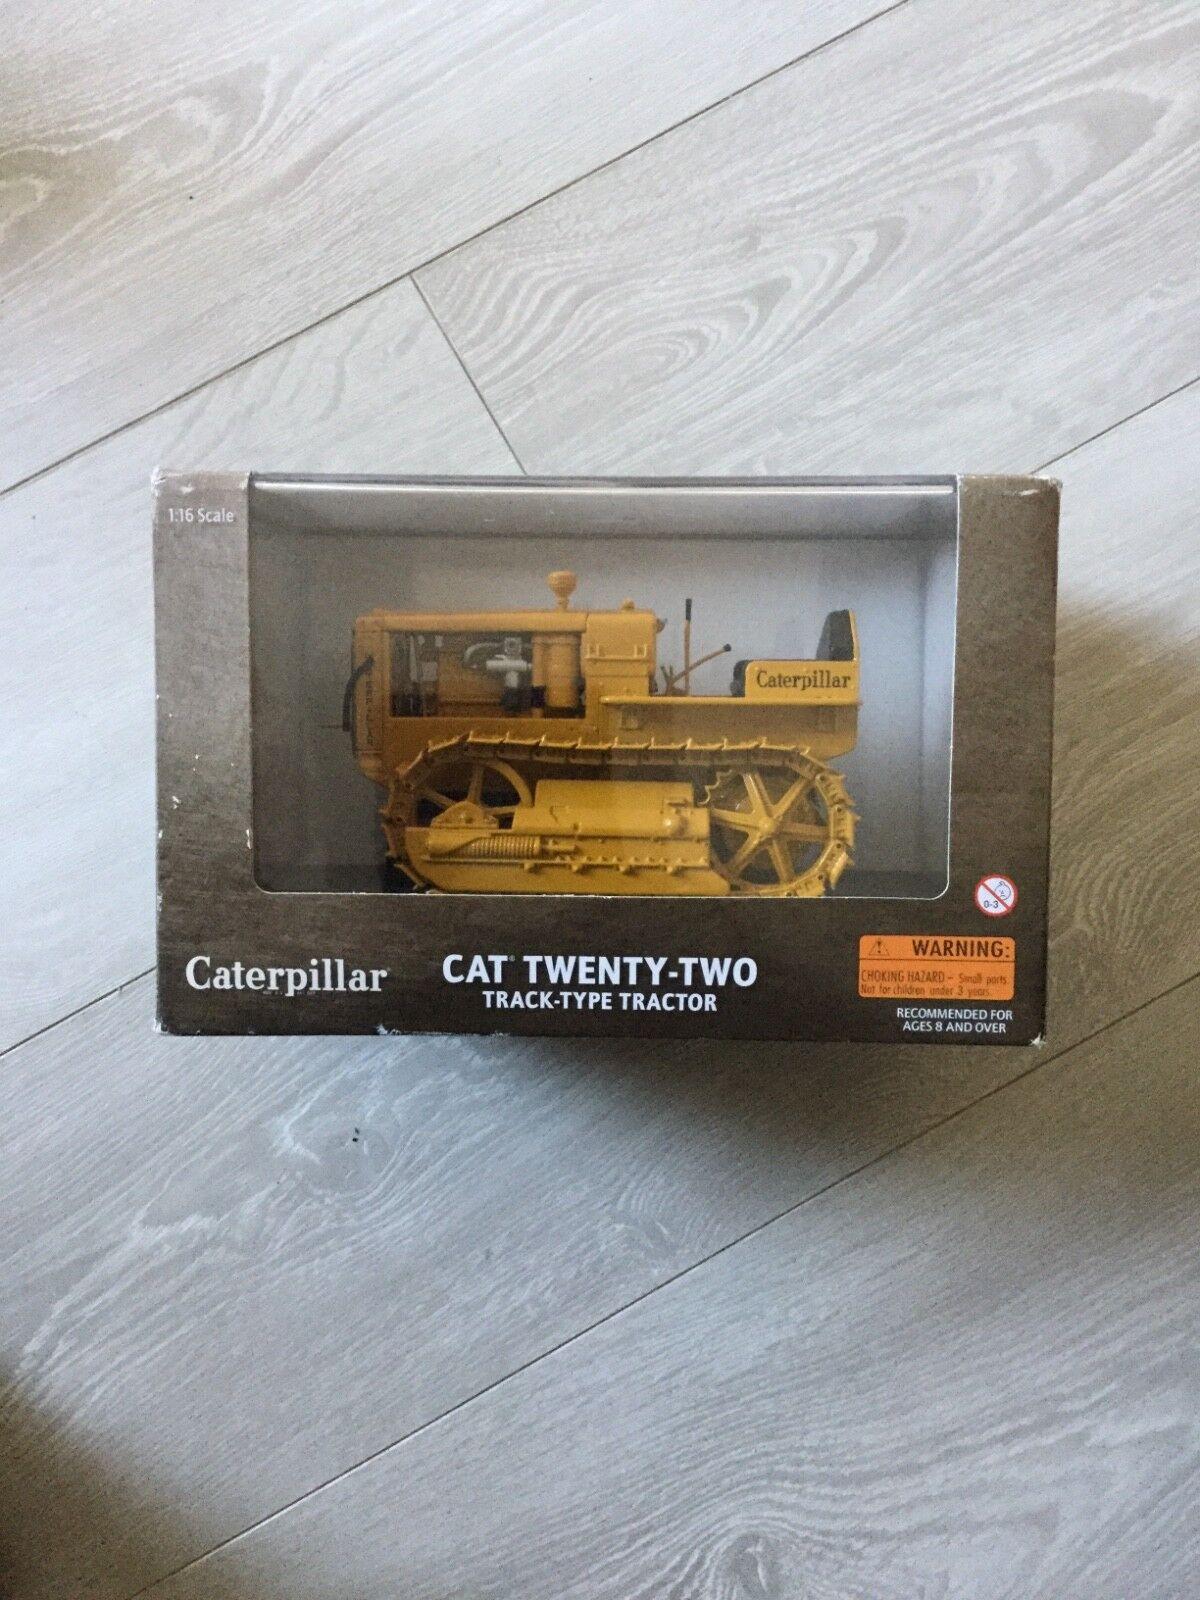 Cat Twenty Two 1.16 Scale Model.